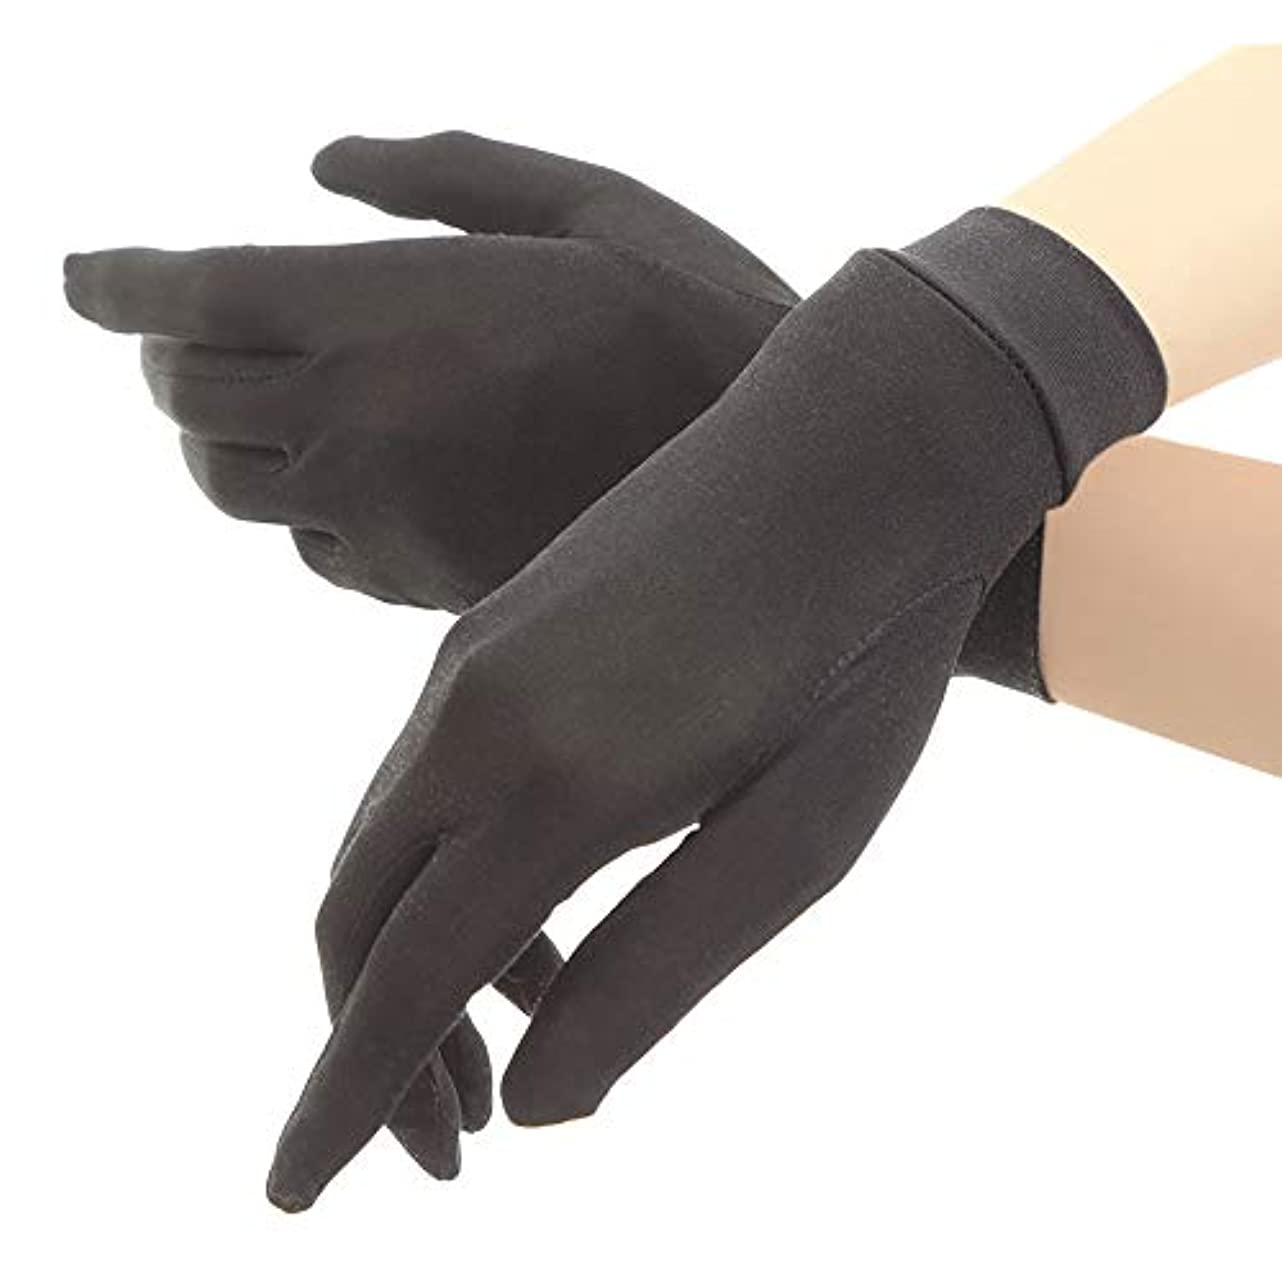 眠り忌避剤あそこシルク手袋 レディース 手袋 シルク 絹 ハンド ケア 保湿 紫外線 肌荒れ 乾燥 サイズアップで手指にマッチ 【macch】